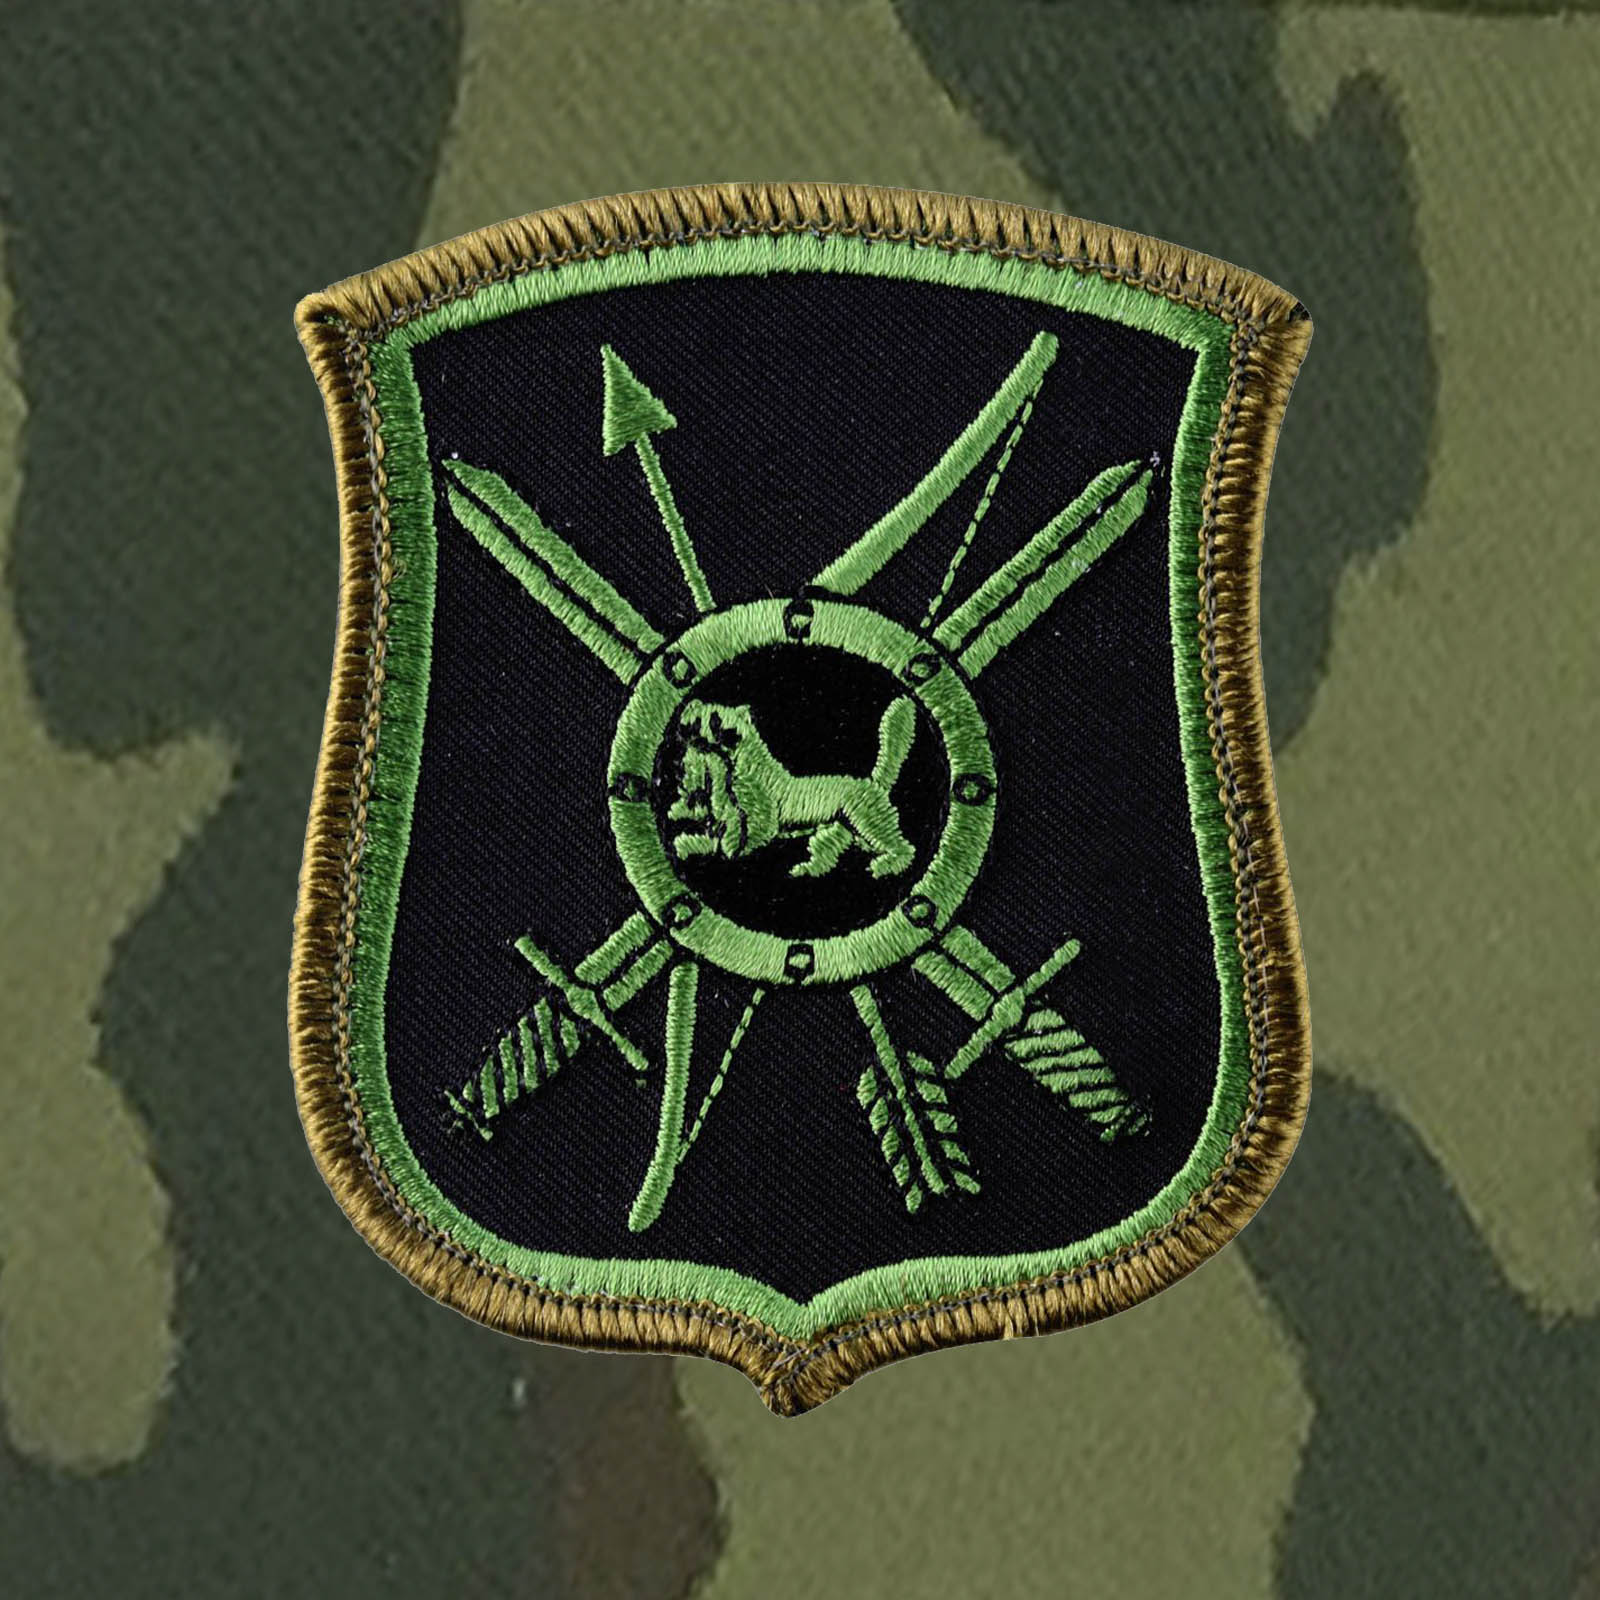 Кепка камуфляж с шевроном 29-ой ракетной дивизии РВСН.